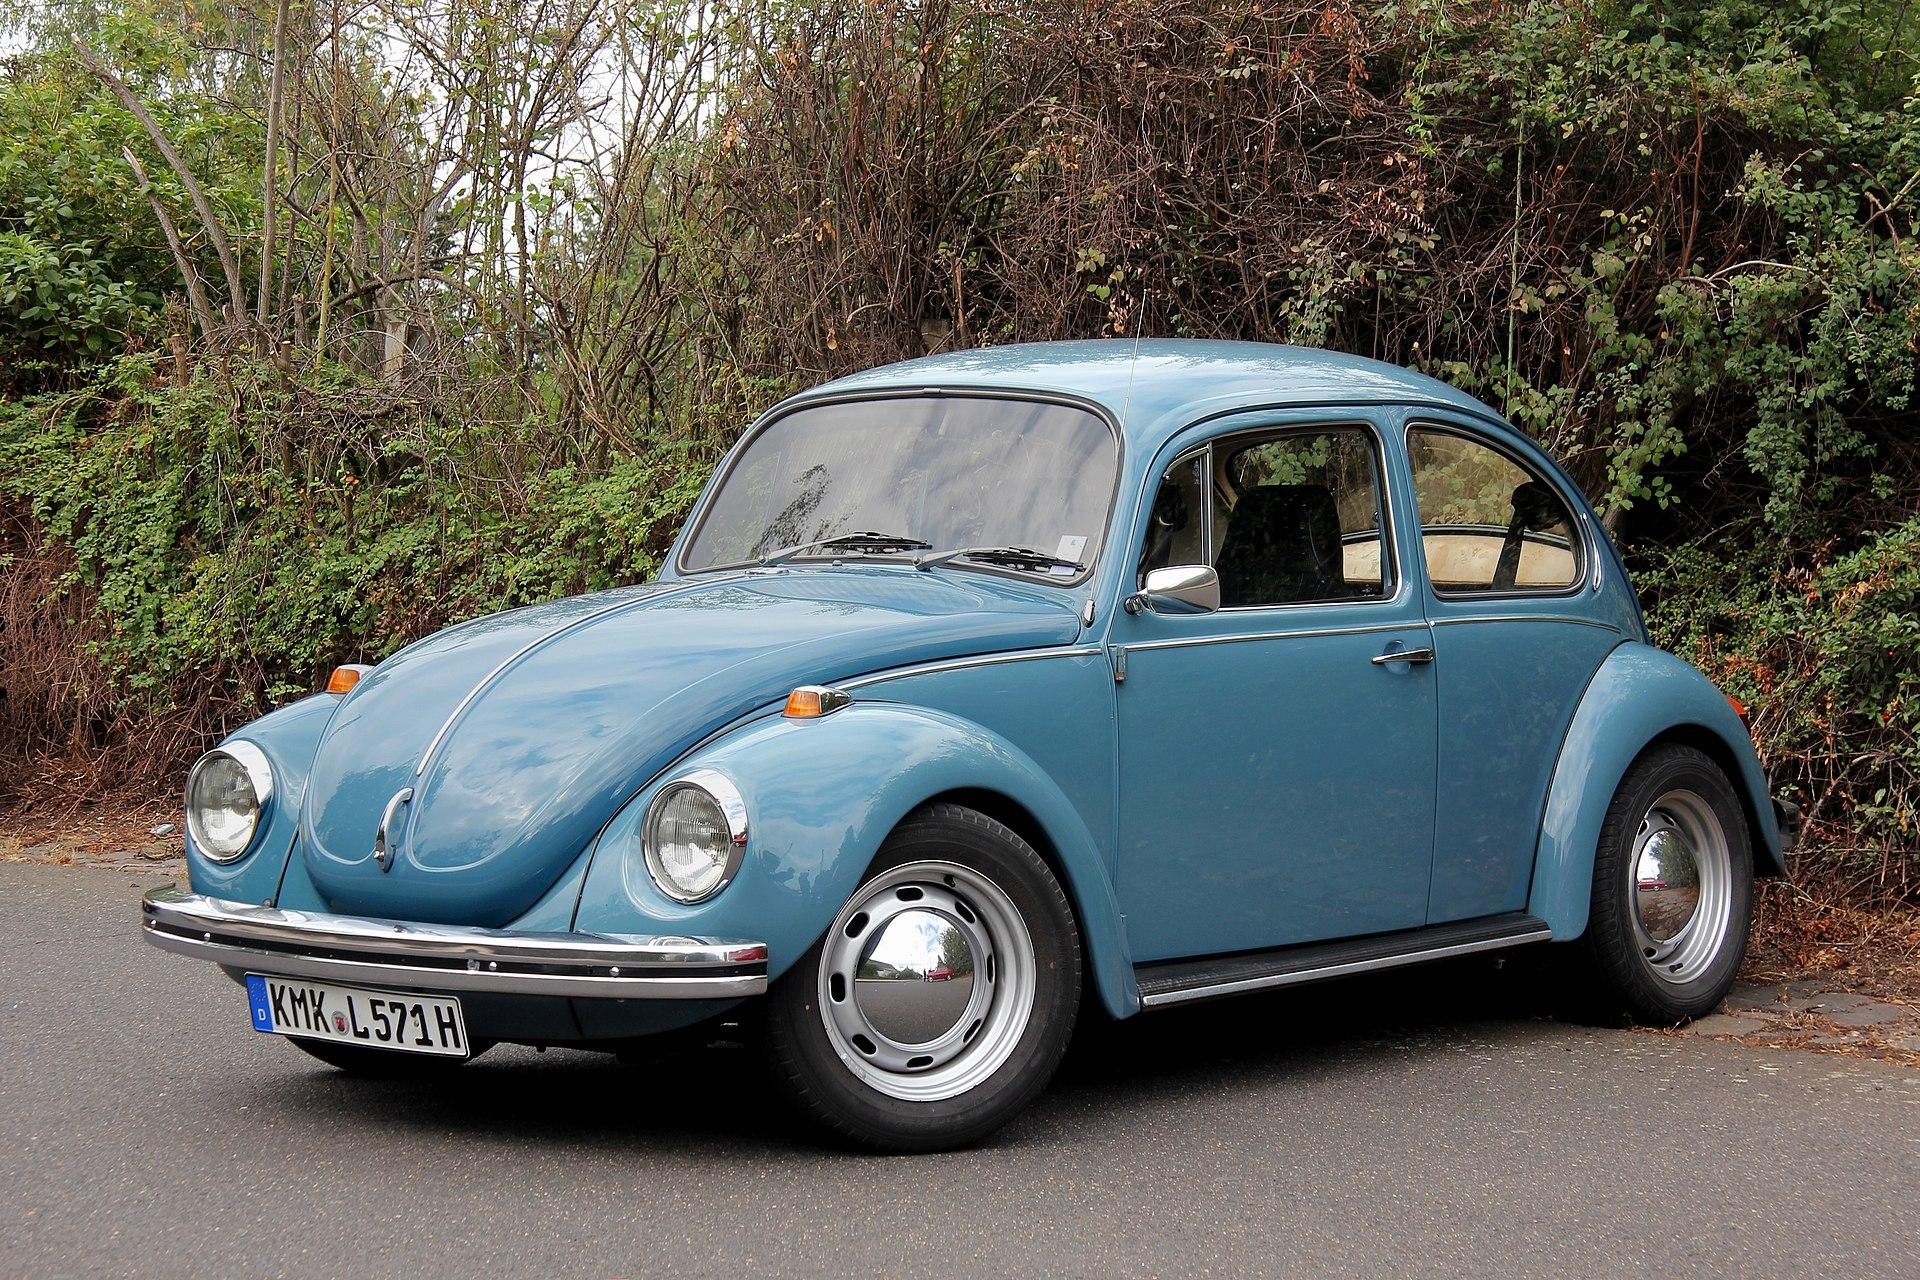 1920px-VW_1302_(2013-09-15_2307_Spu).JPG